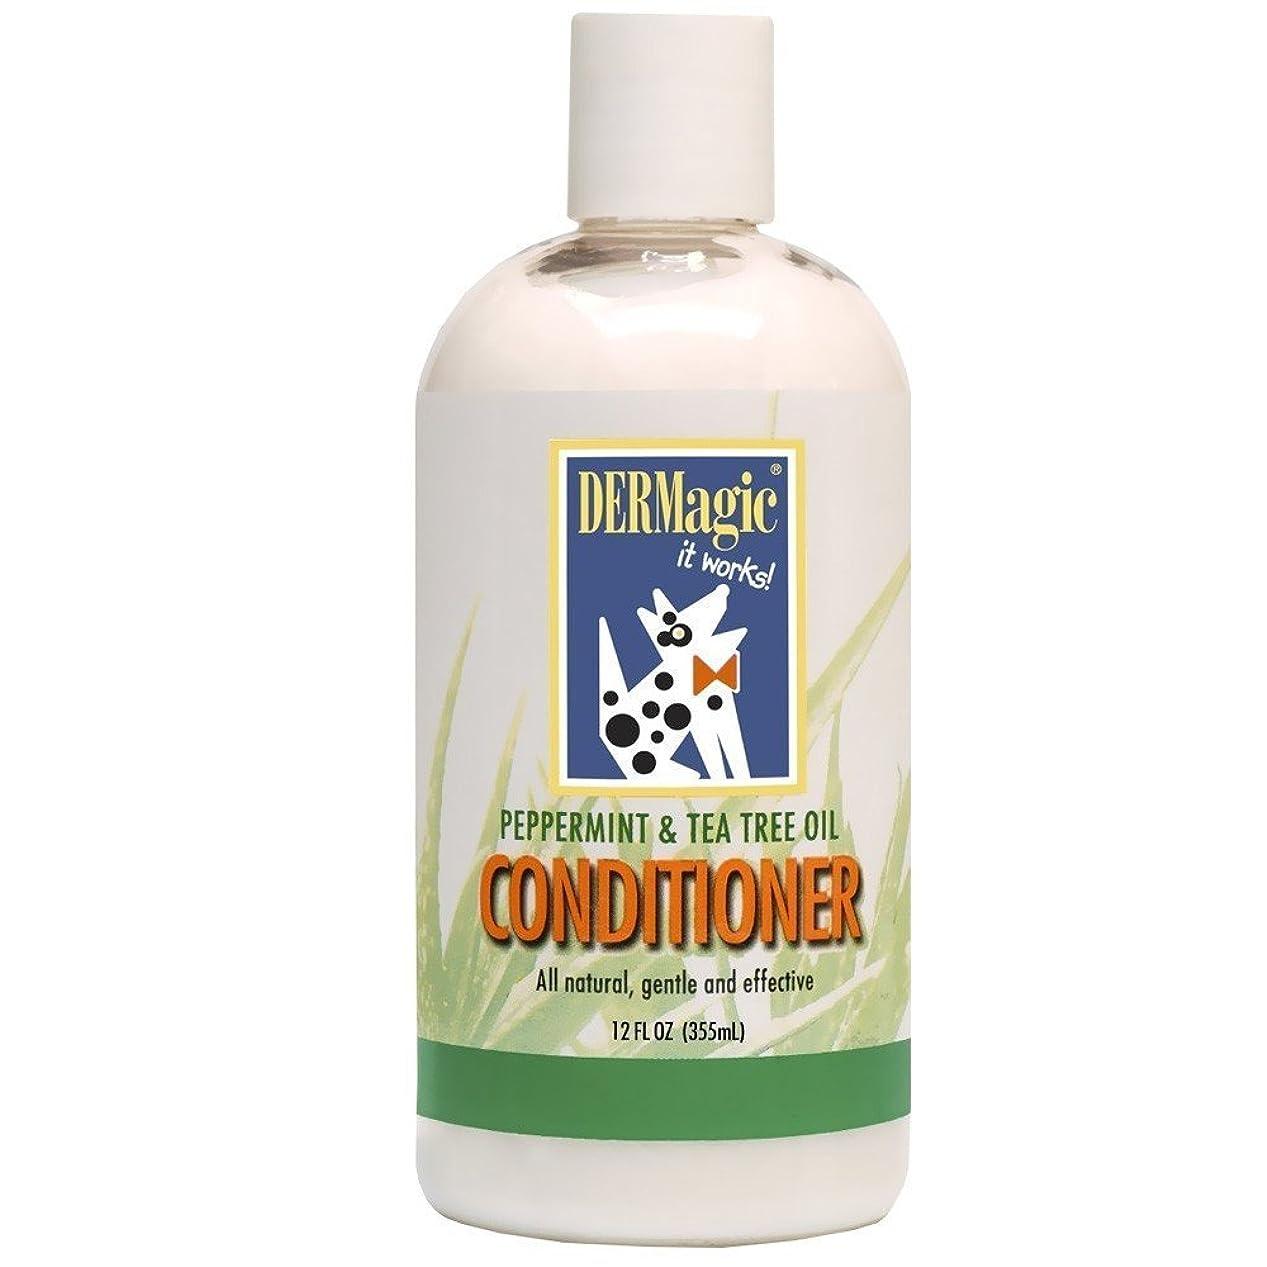 今グリット誰もDERMagic Peppermint & Tea Tree Oil Conditioner 12 fl. oz. by DERMagic